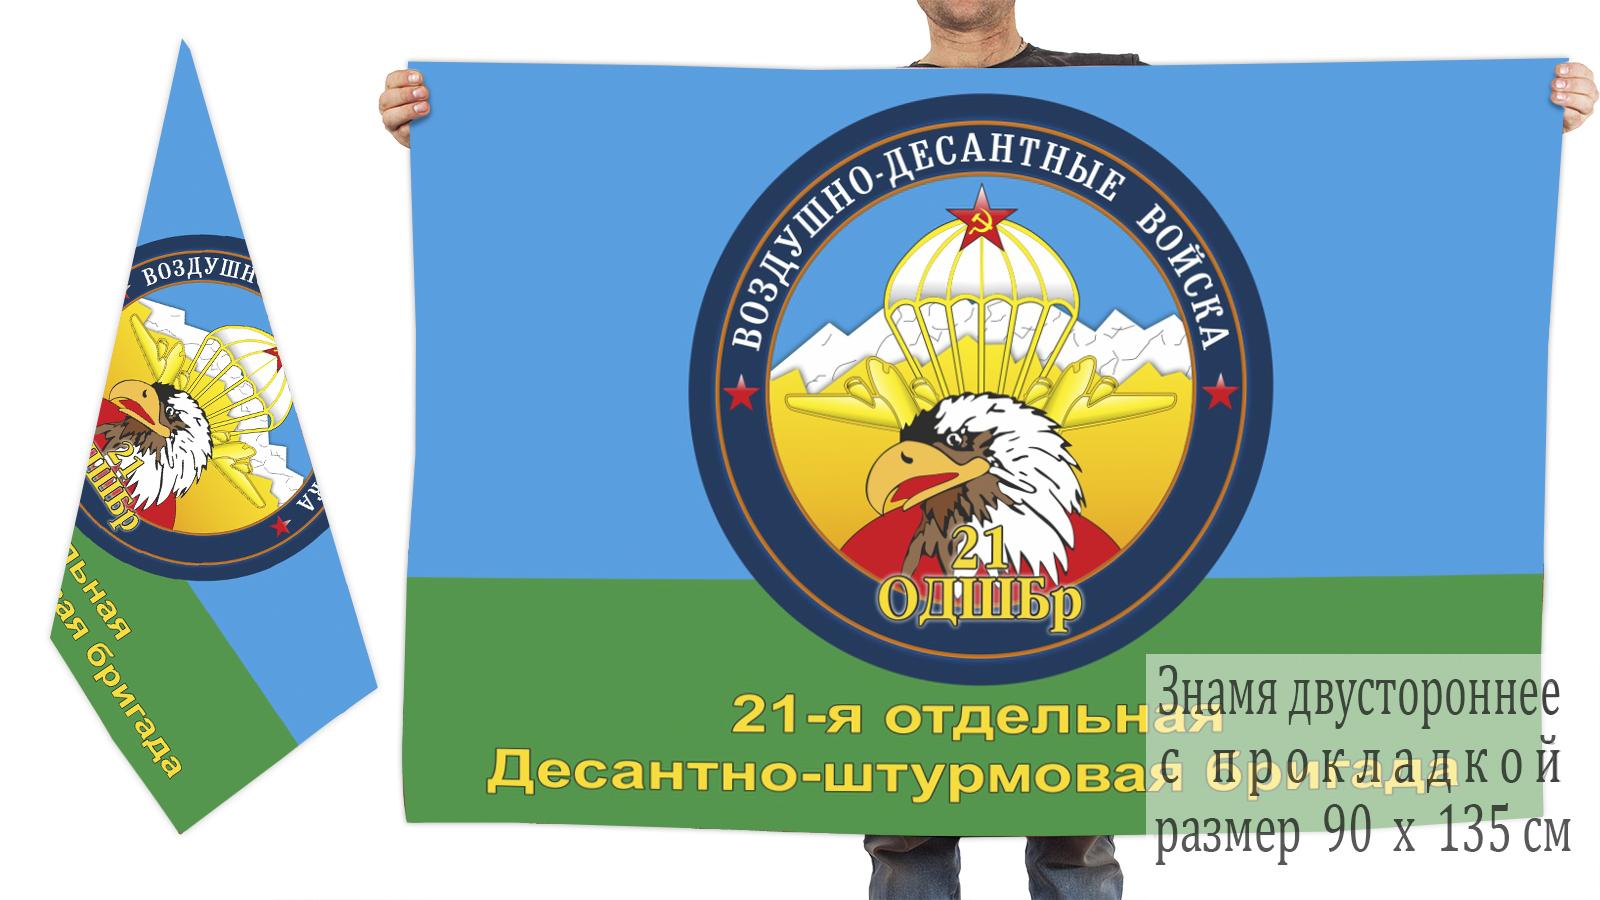 Двусторонний флаг 21 отдельной десантно-штурмовой бригады